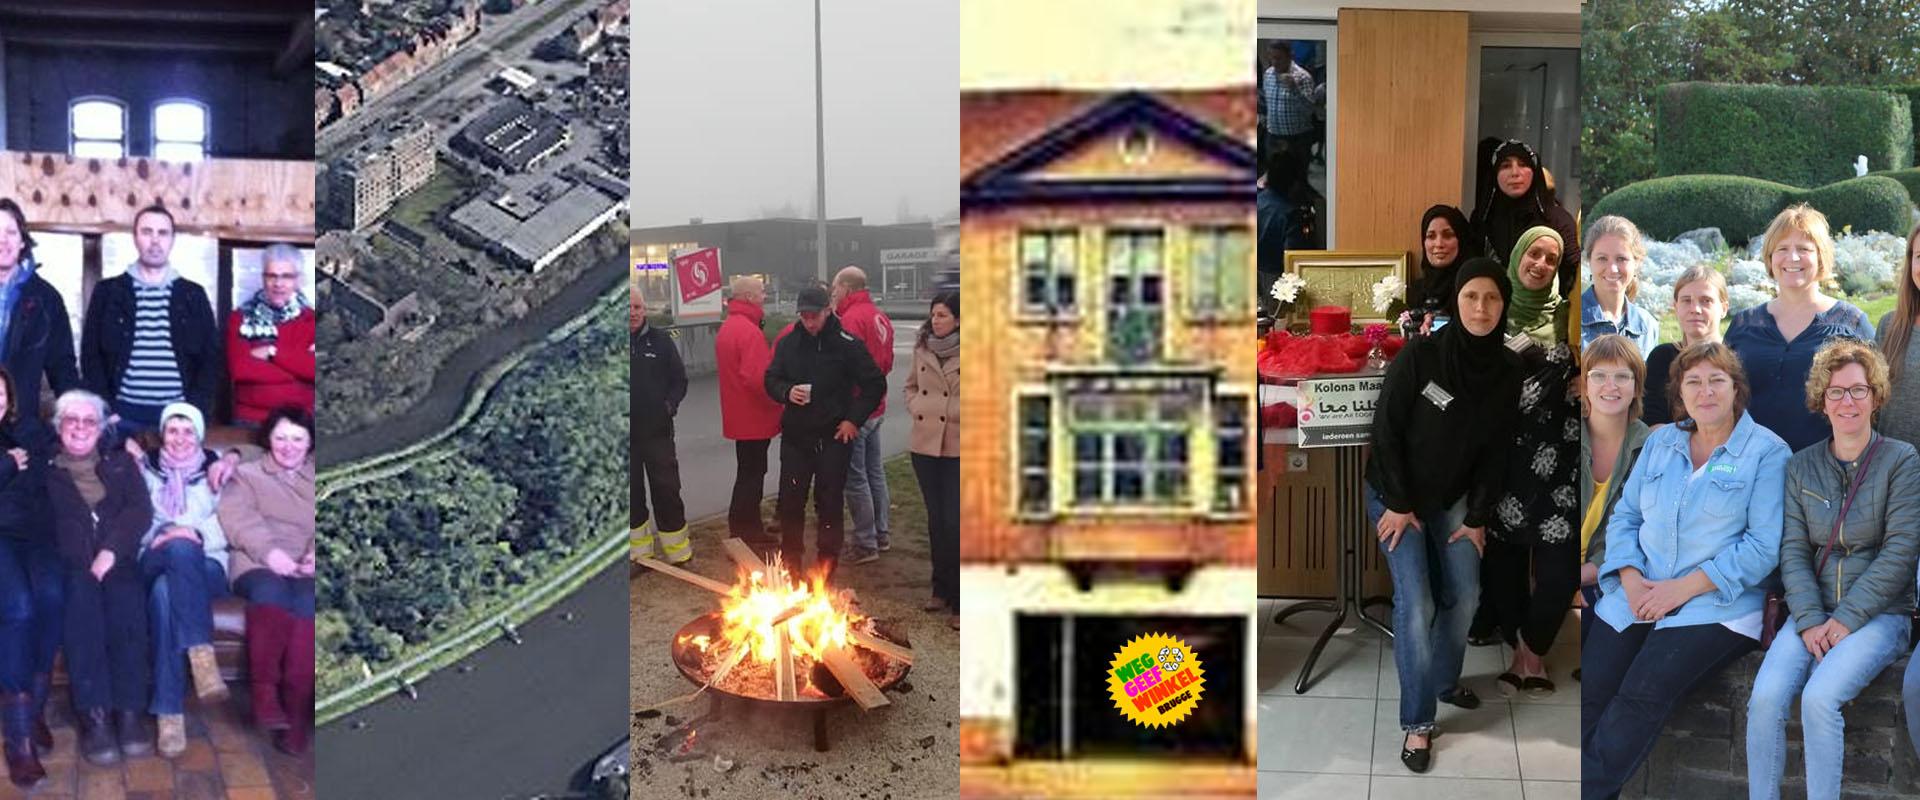 Weggeefwinkel en Red Het Katelijne-eiland genomineerd voor Gouden Tijl